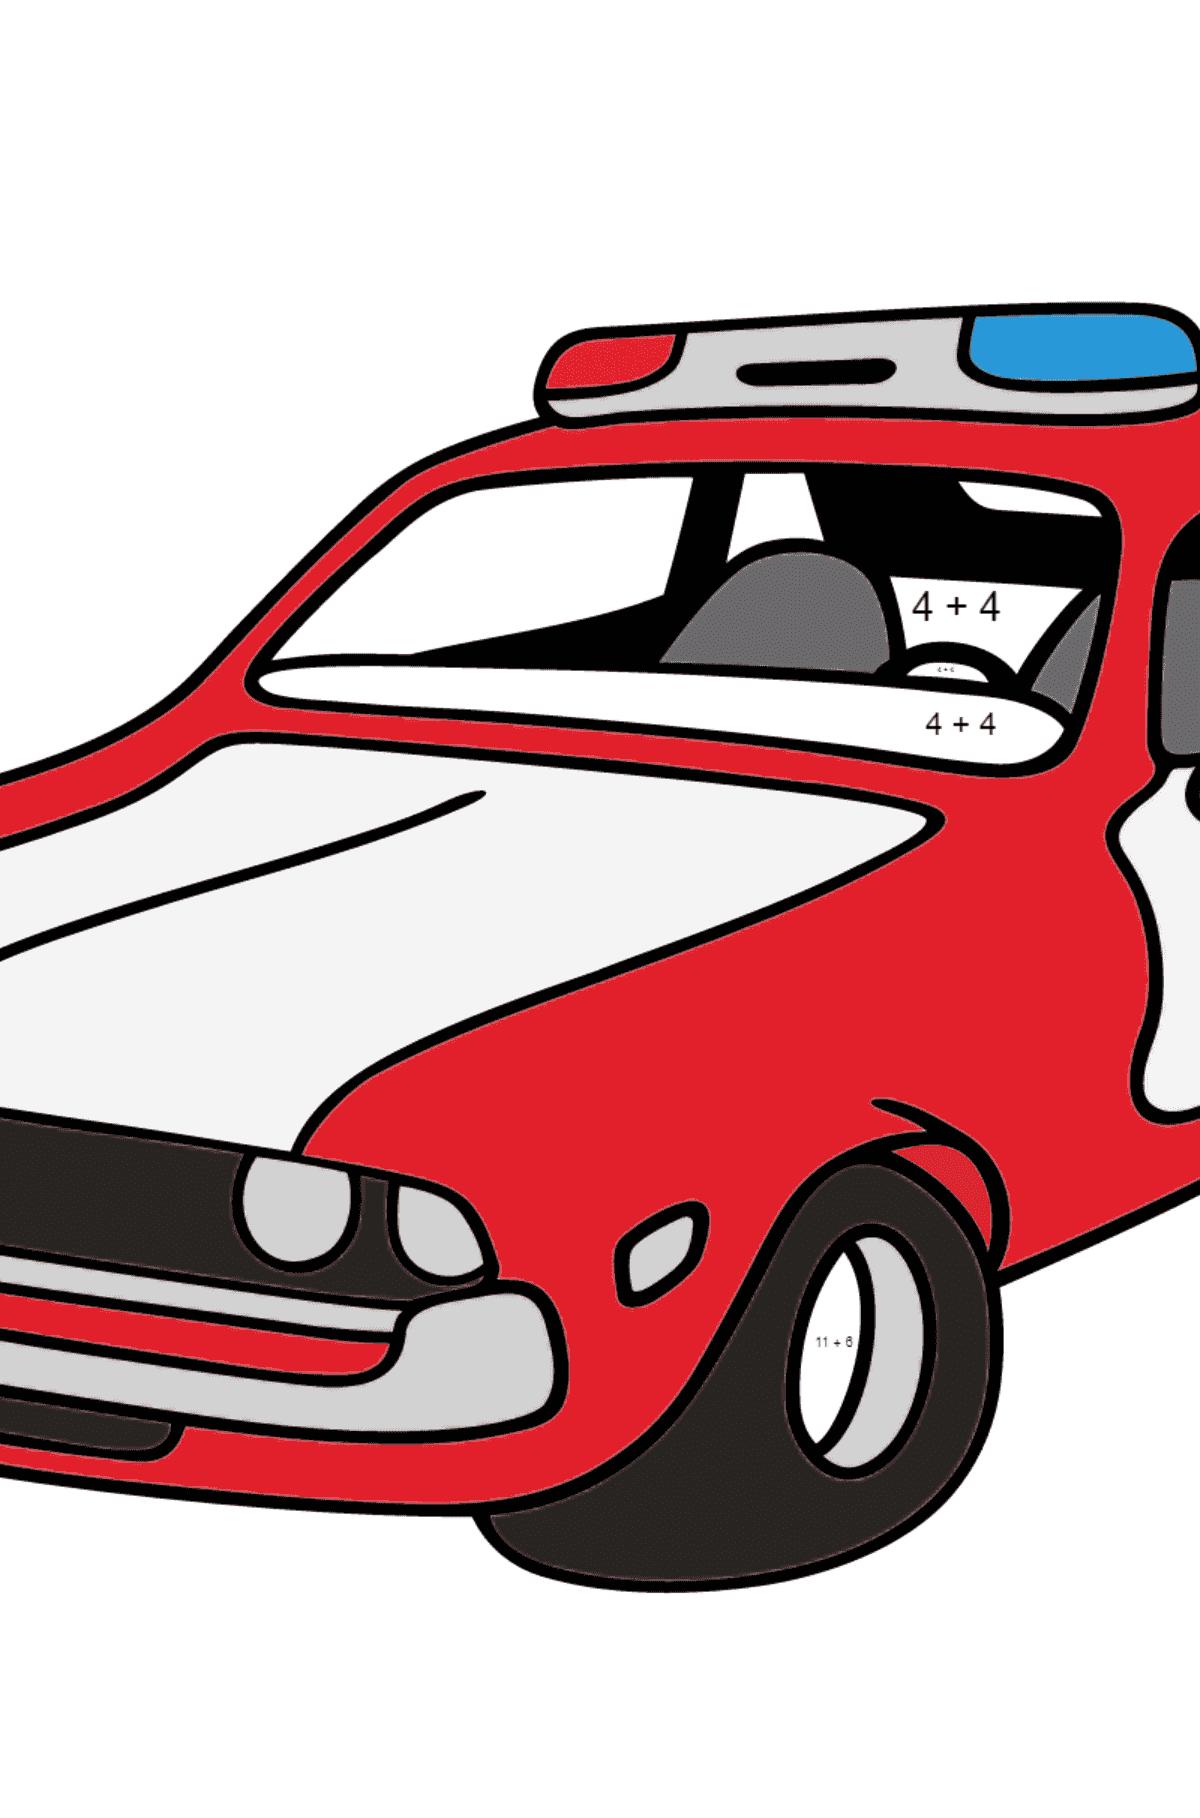 Раскраска красно-белая полицейская машина для Детей  - Раскраска на Сложение